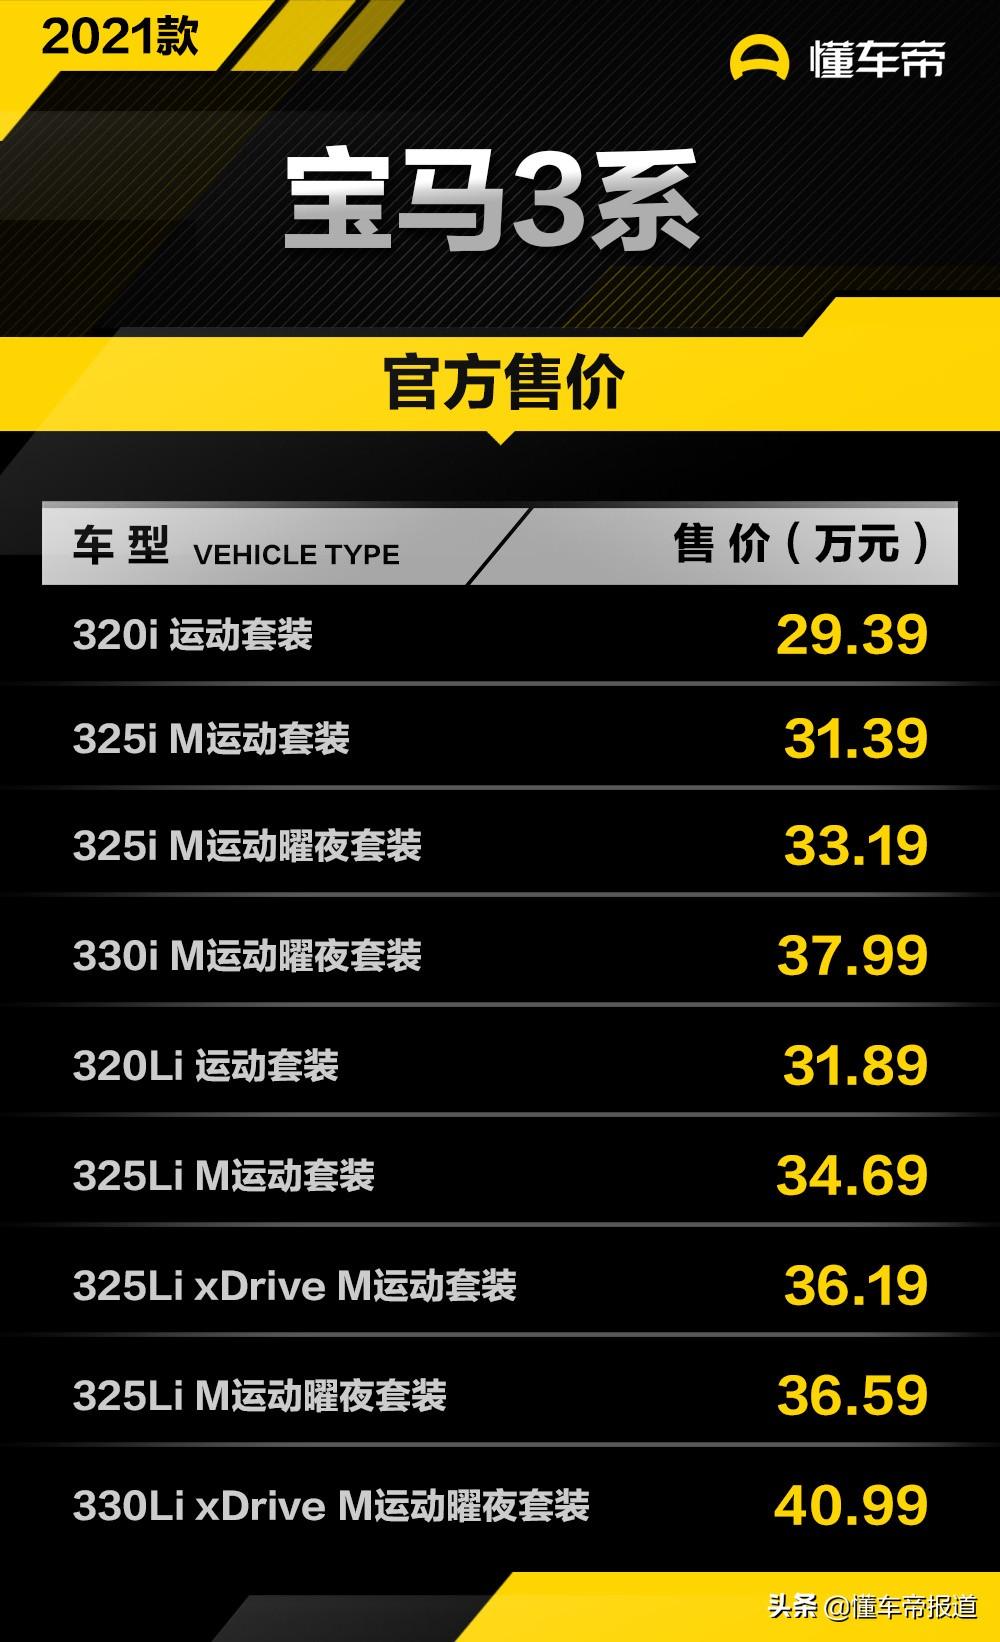 新车 | 2021款宝马3系正式上市 售29.39万元起